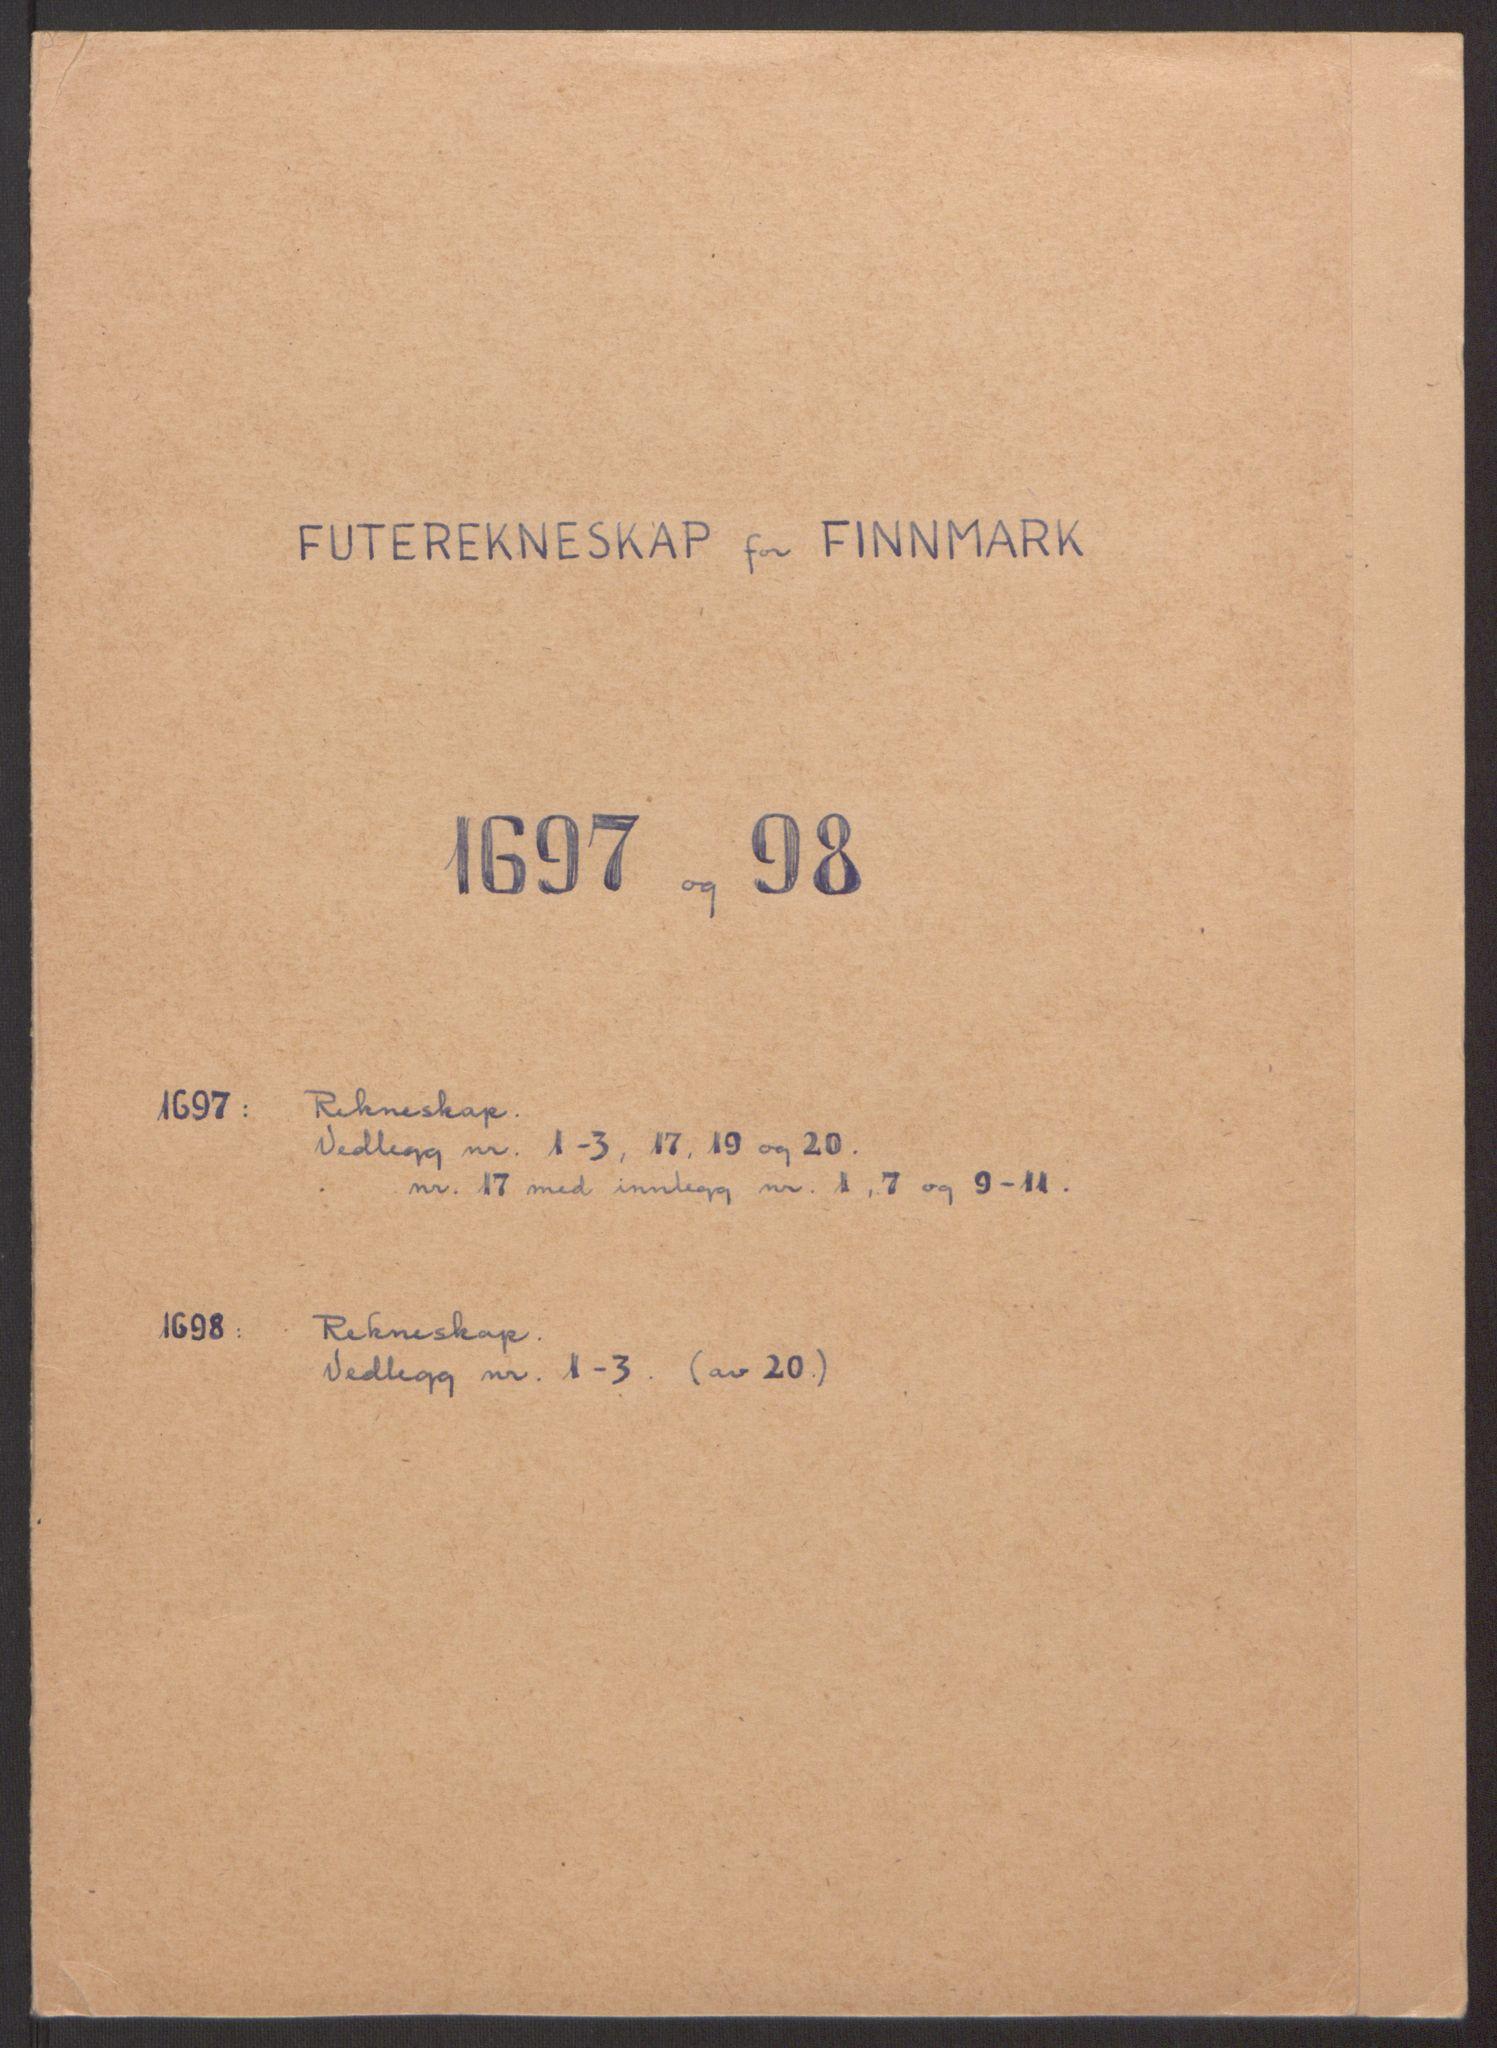 RA, Rentekammeret inntil 1814, Reviderte regnskaper, Fogderegnskap, R69/L4851: Fogderegnskap Finnmark/Vardøhus, 1691-1700, s. 293